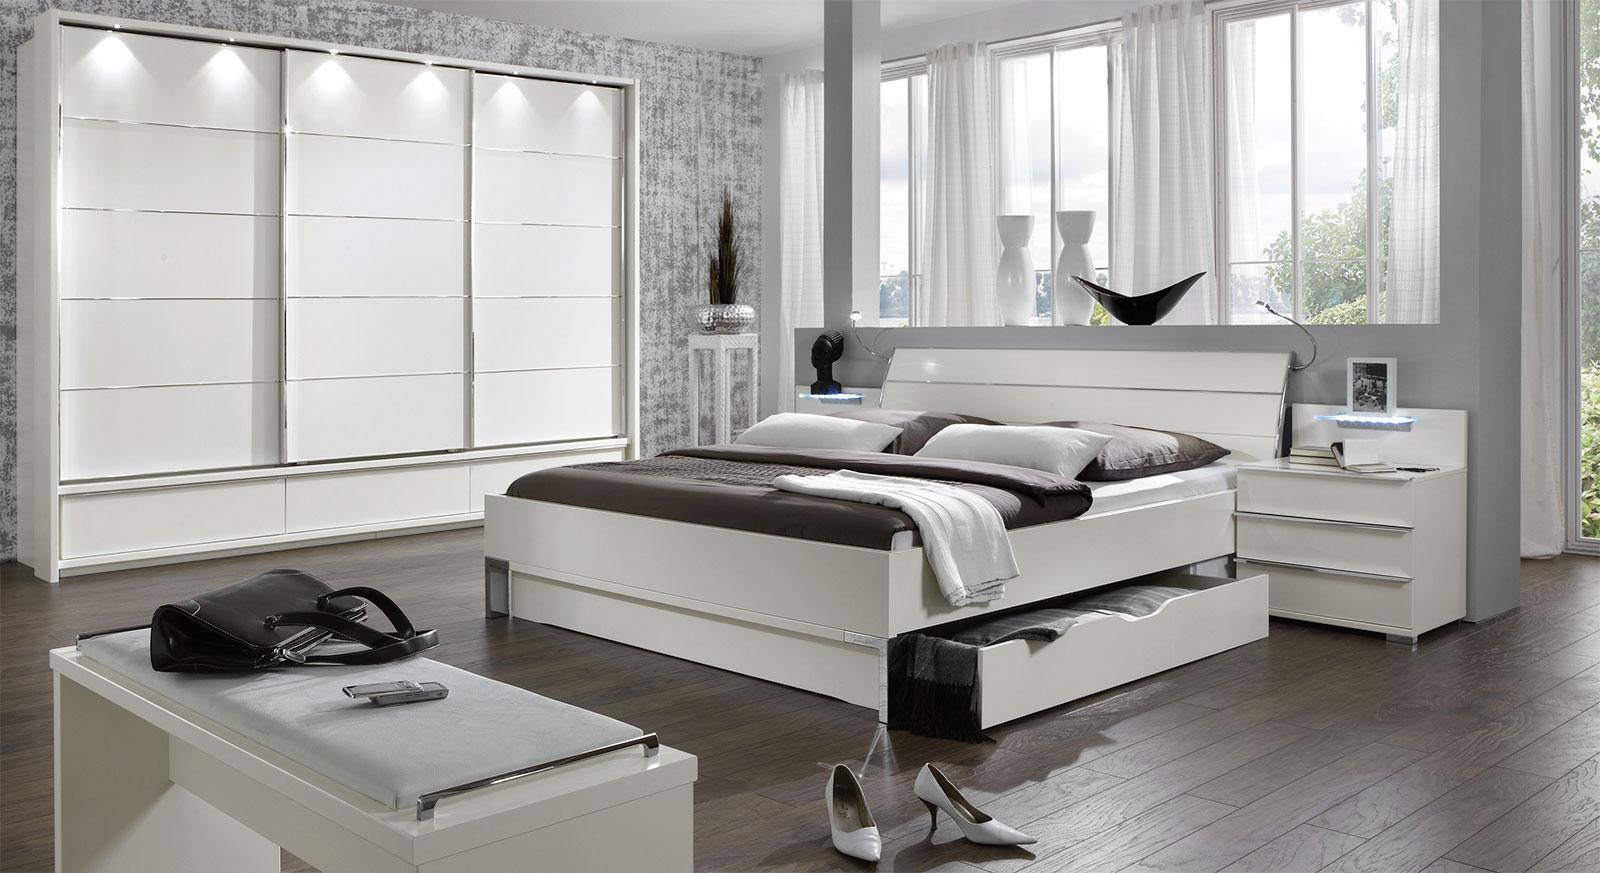 Full Size of Schlafzimmer Komplett Weiß Modernes Schubkasten Doppelbett In Weiss Salford I Bettende Komplette Landhausküche Deckenlampe Kleines Regal Weißes Sessel Schlafzimmer Schlafzimmer Komplett Weiß